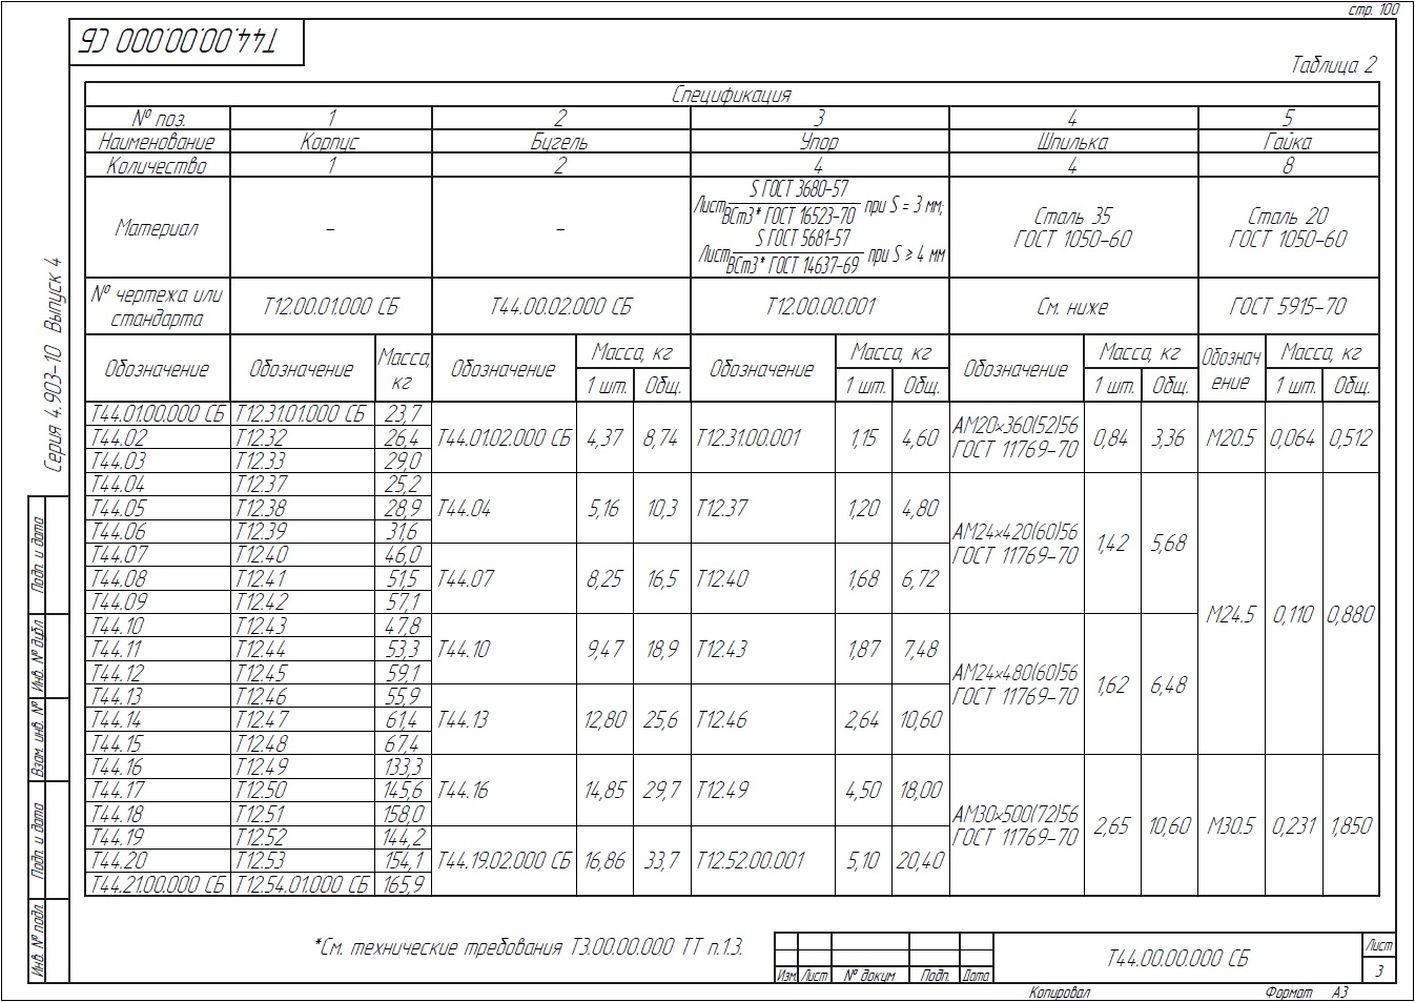 Опора неподвижная бугельная Т44 серия 4.903-10 вып.4 стр.3